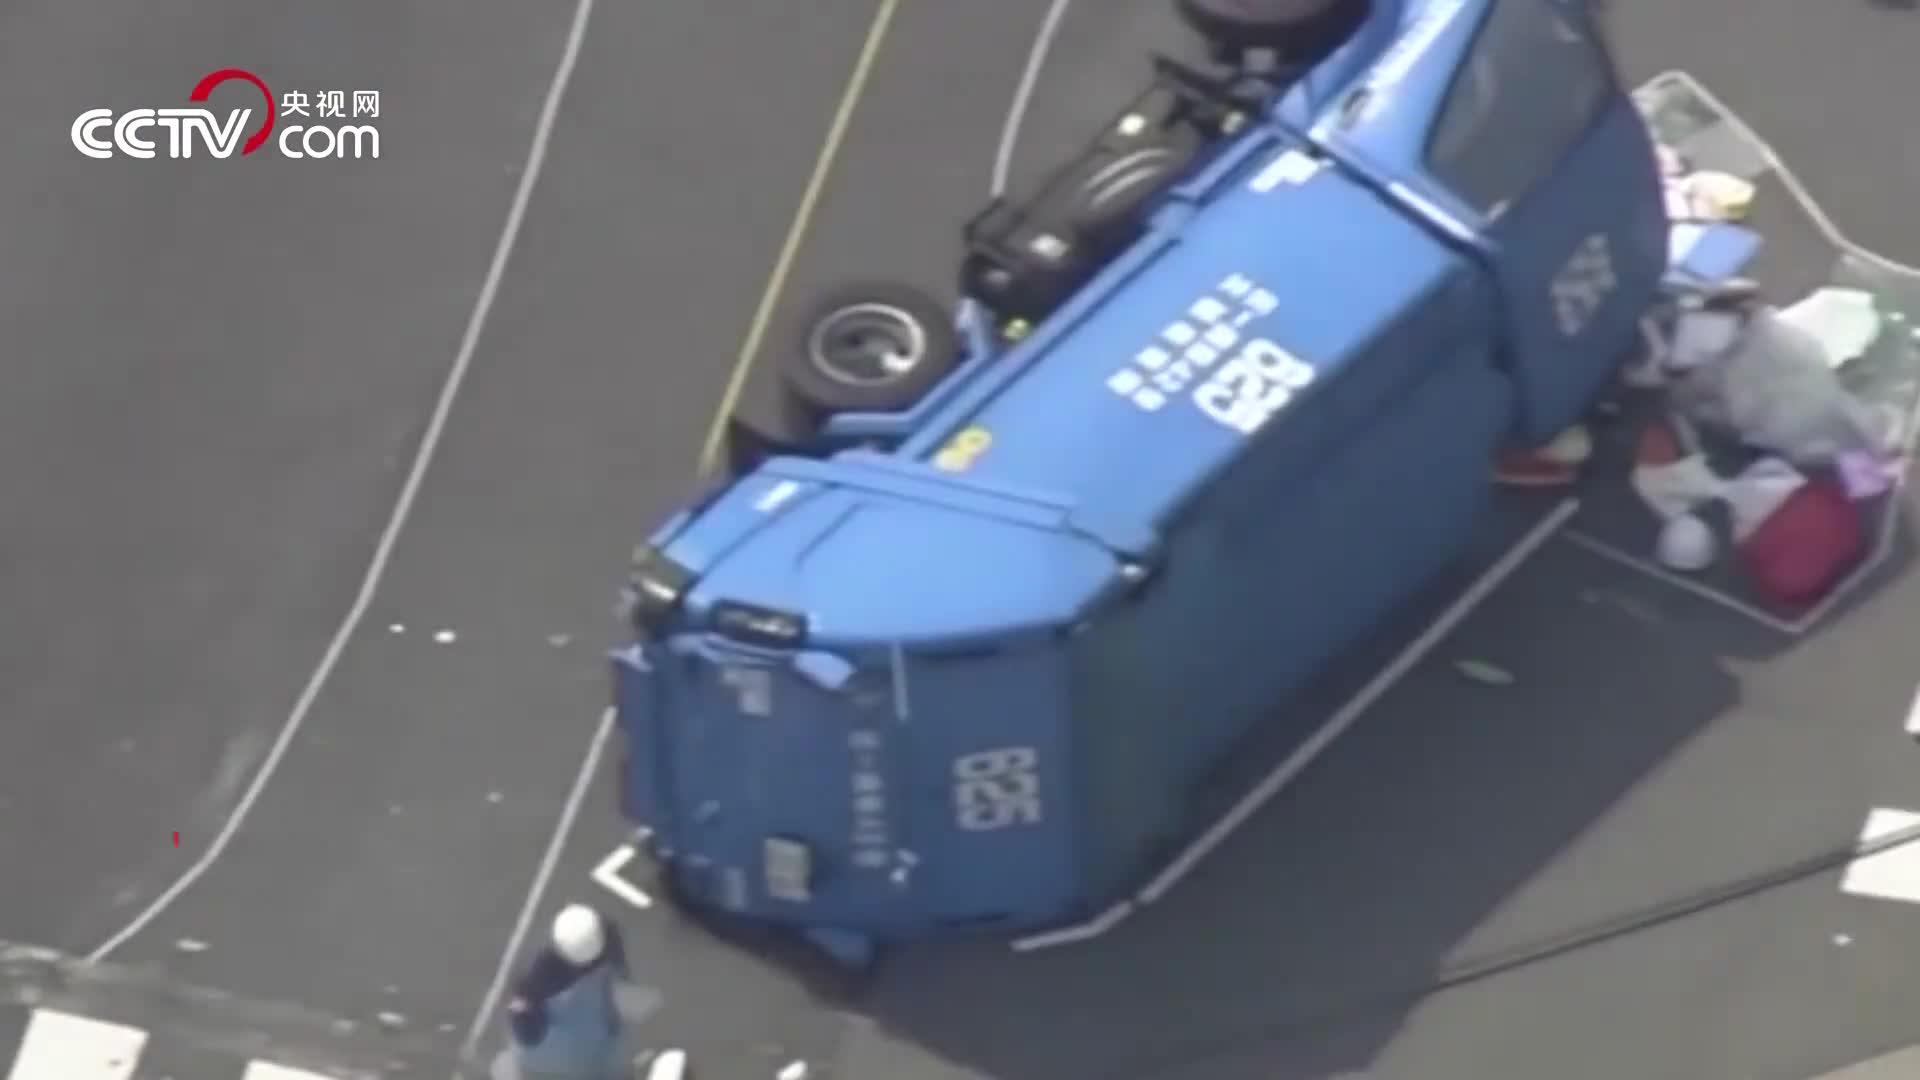 [视频]日本87岁司机撞人致2死10伤高龄司机问题引发社会关注